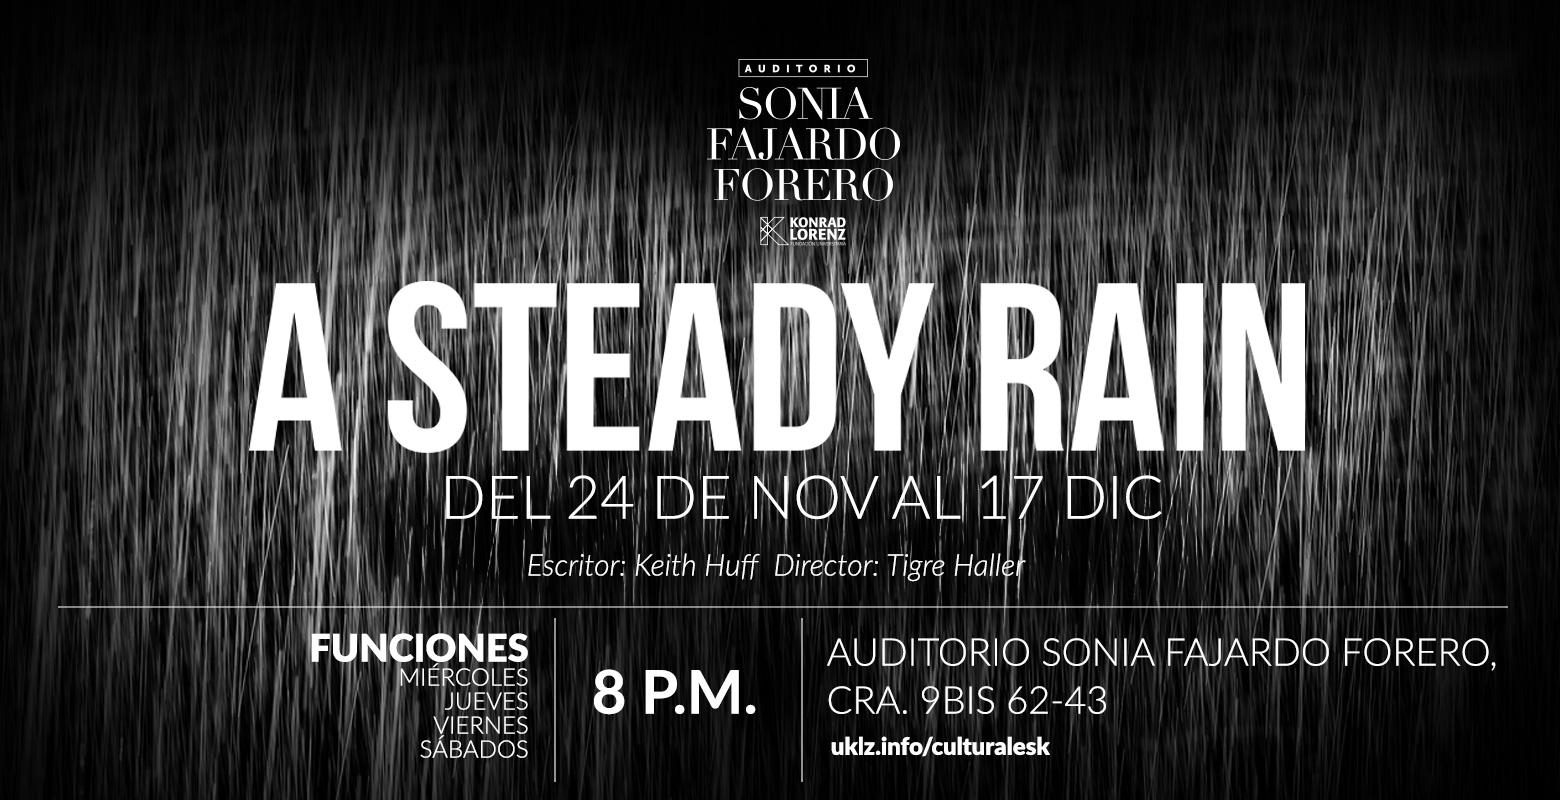 A Steady Rain-The BAT - Bogotá Anglo Theater